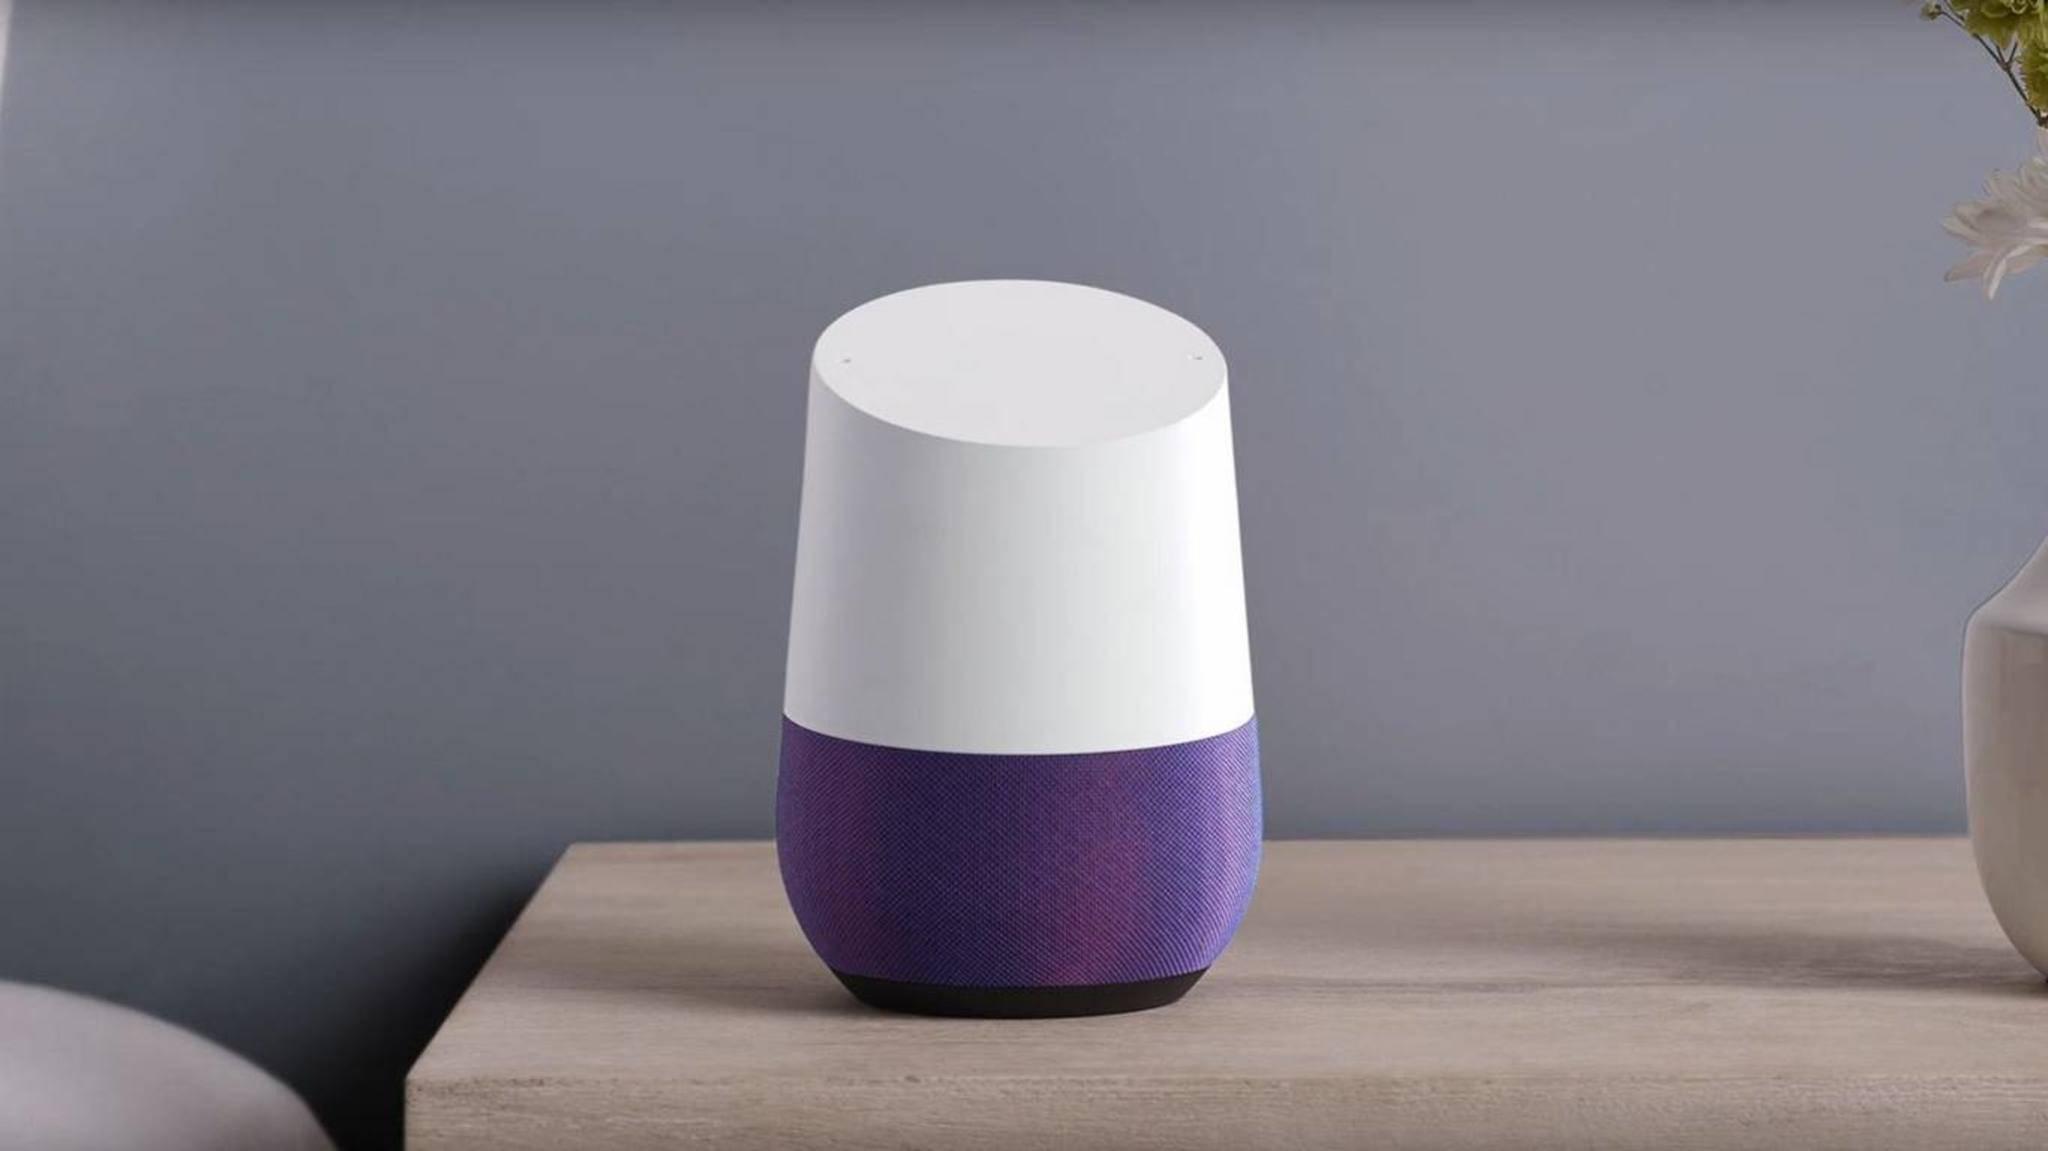 """Wenn eine Stimme im Fernsehen """"Okay Google"""" sagt, fühlt sich auch der Lautsprecher im Wohnzimmer angesprochen."""